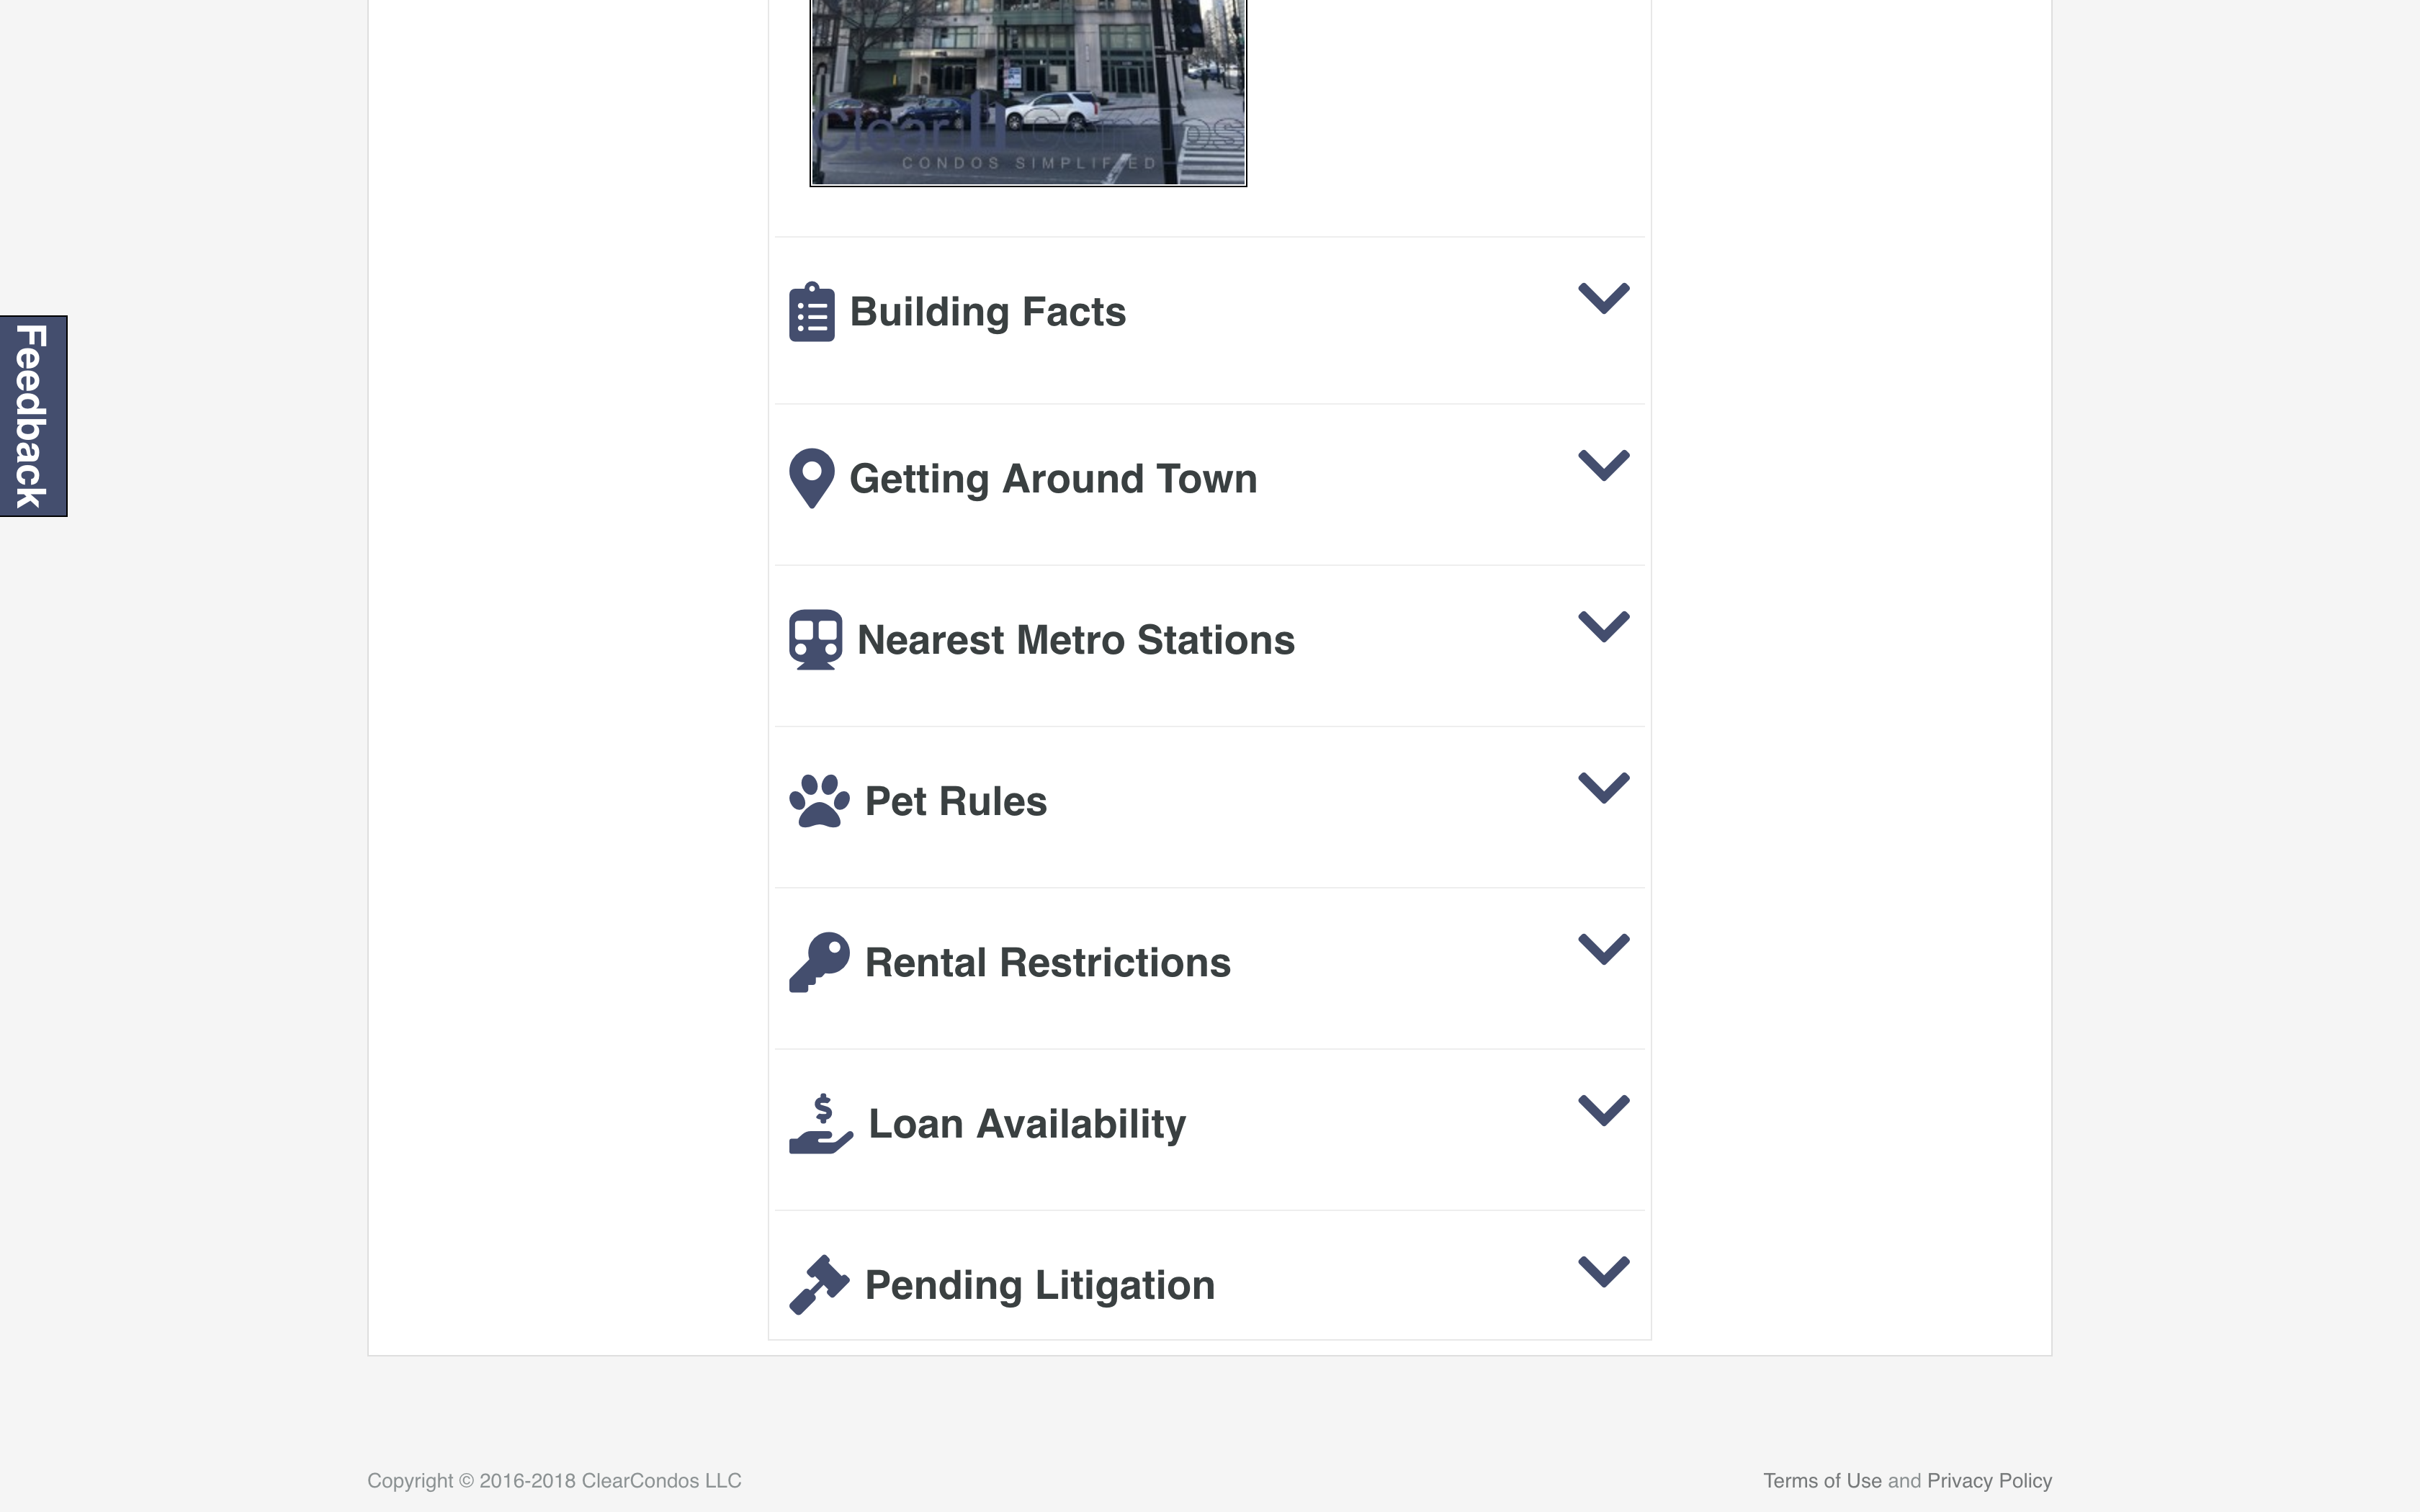 Association details content categories